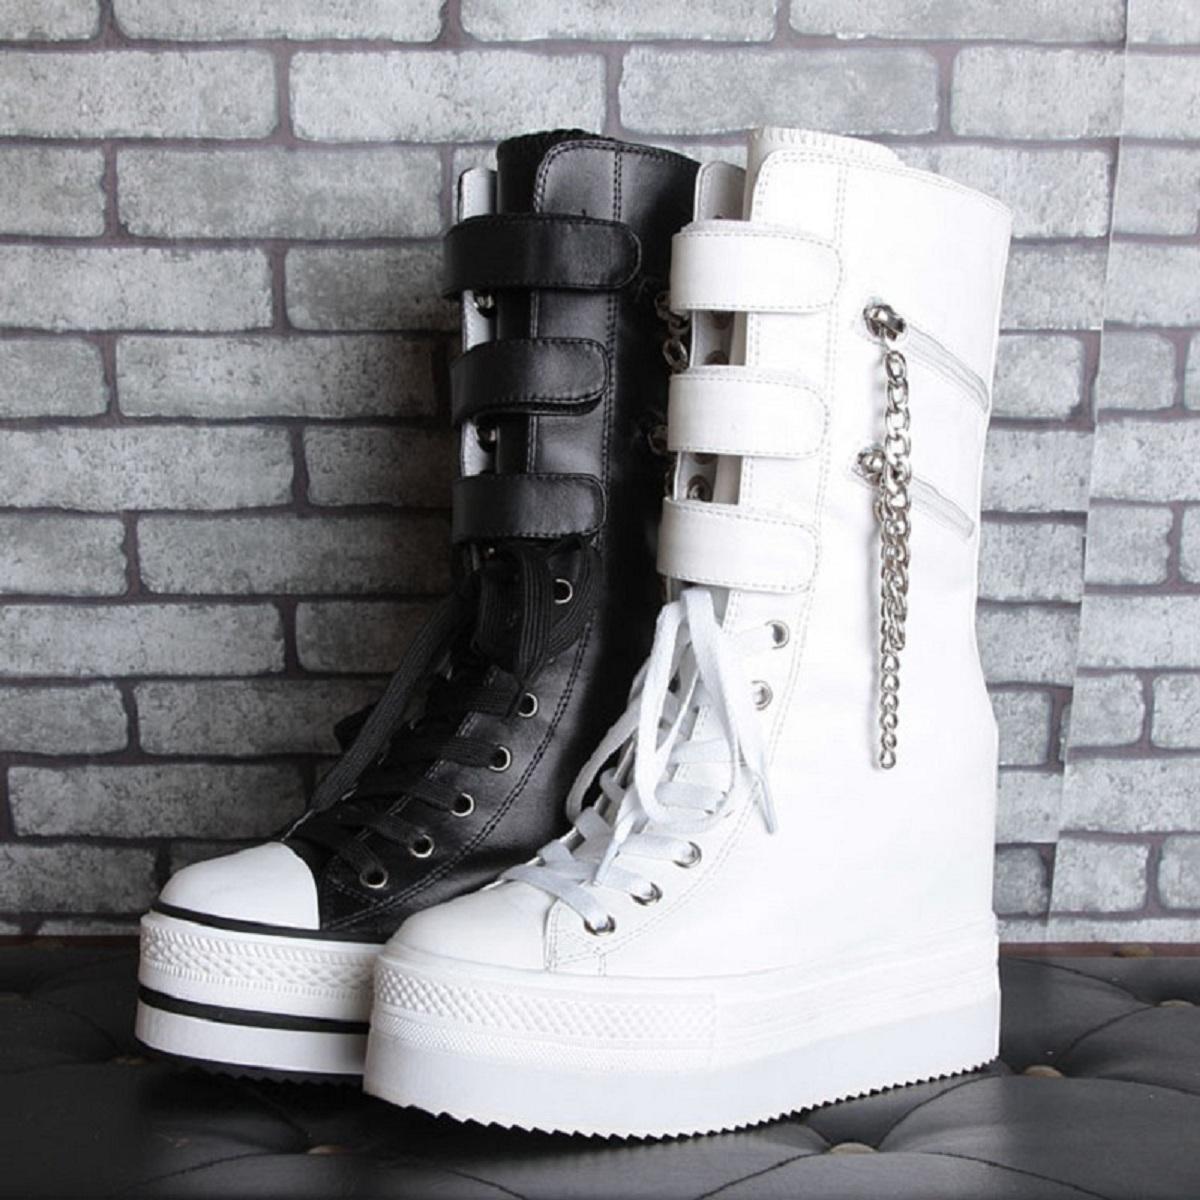 2021春の新型の厚底の中に女性靴の10 cmの中筒のマーティンの靴のファスナーのビスケットの靴のイギリス風を高くします。